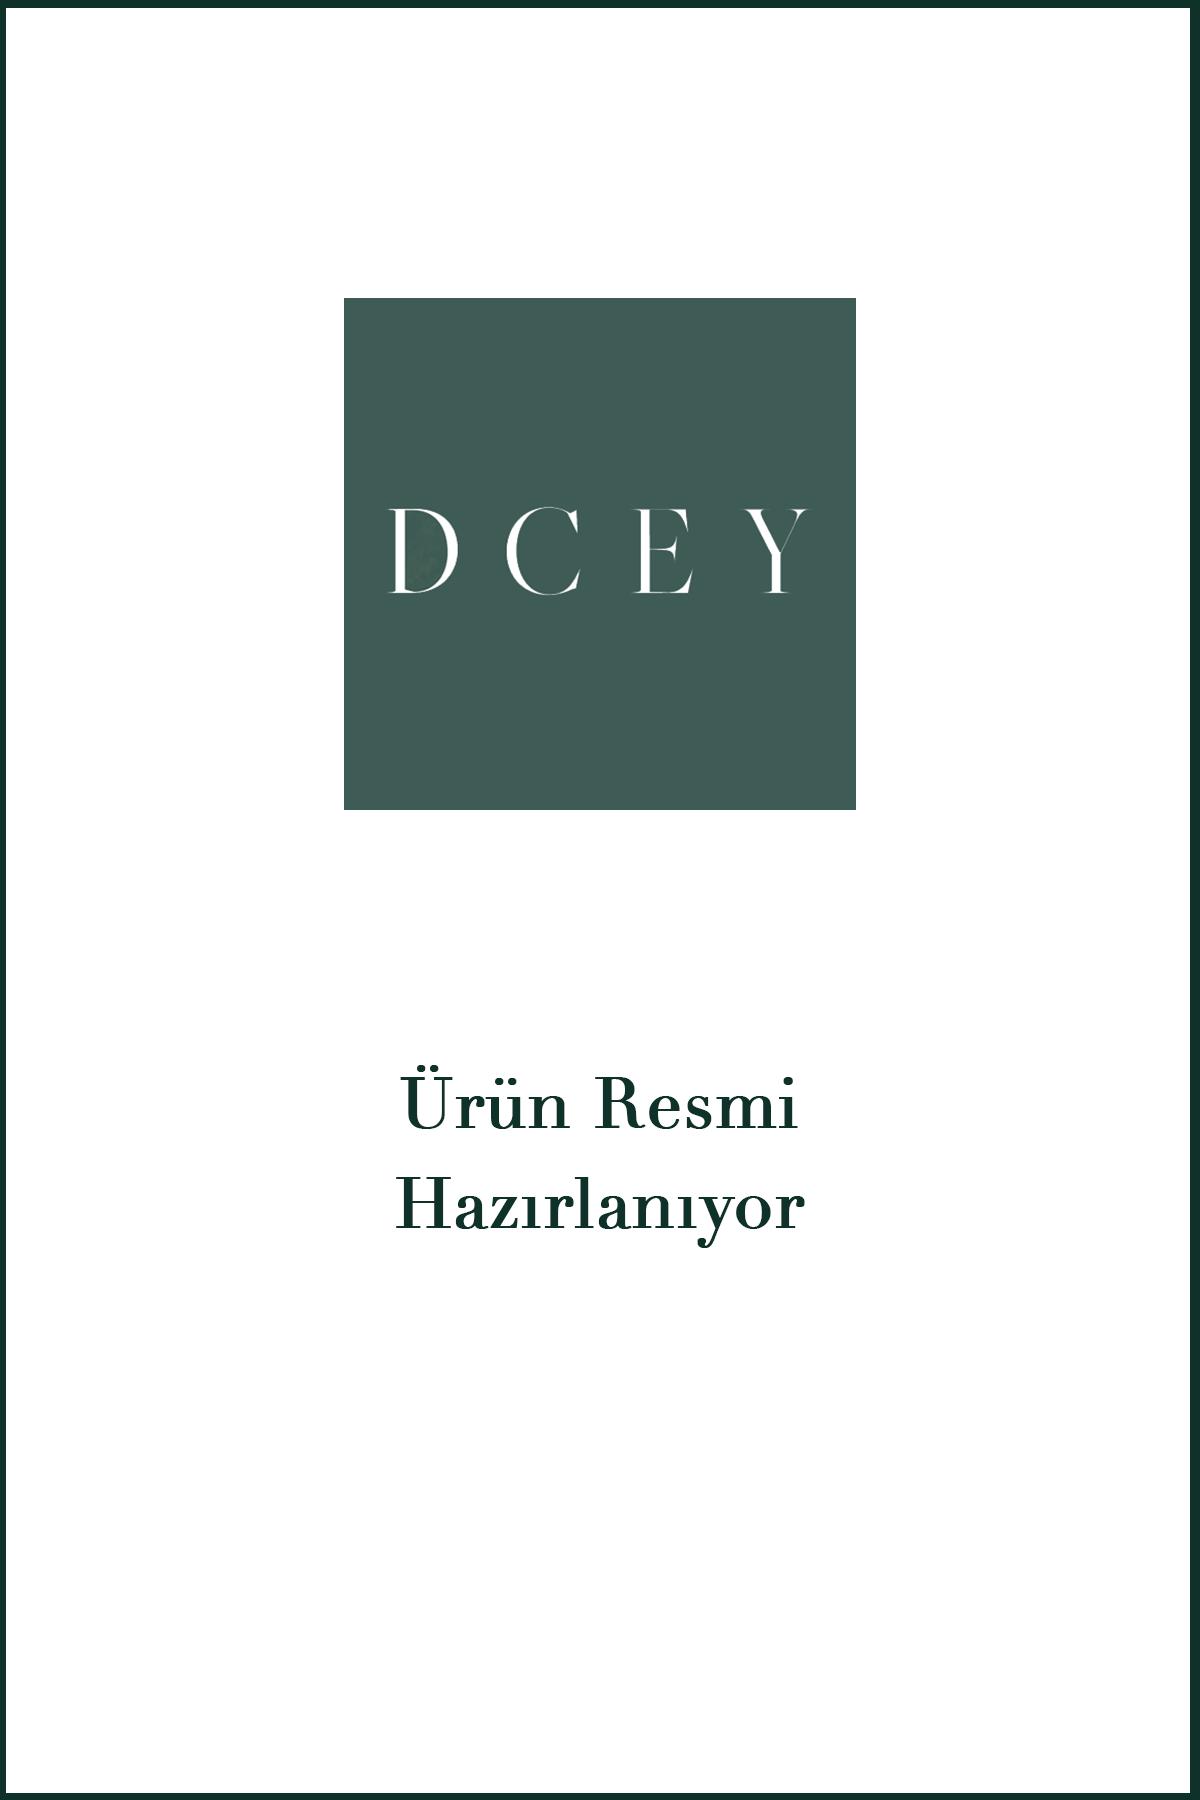 Nude Liquid Sequin Dress